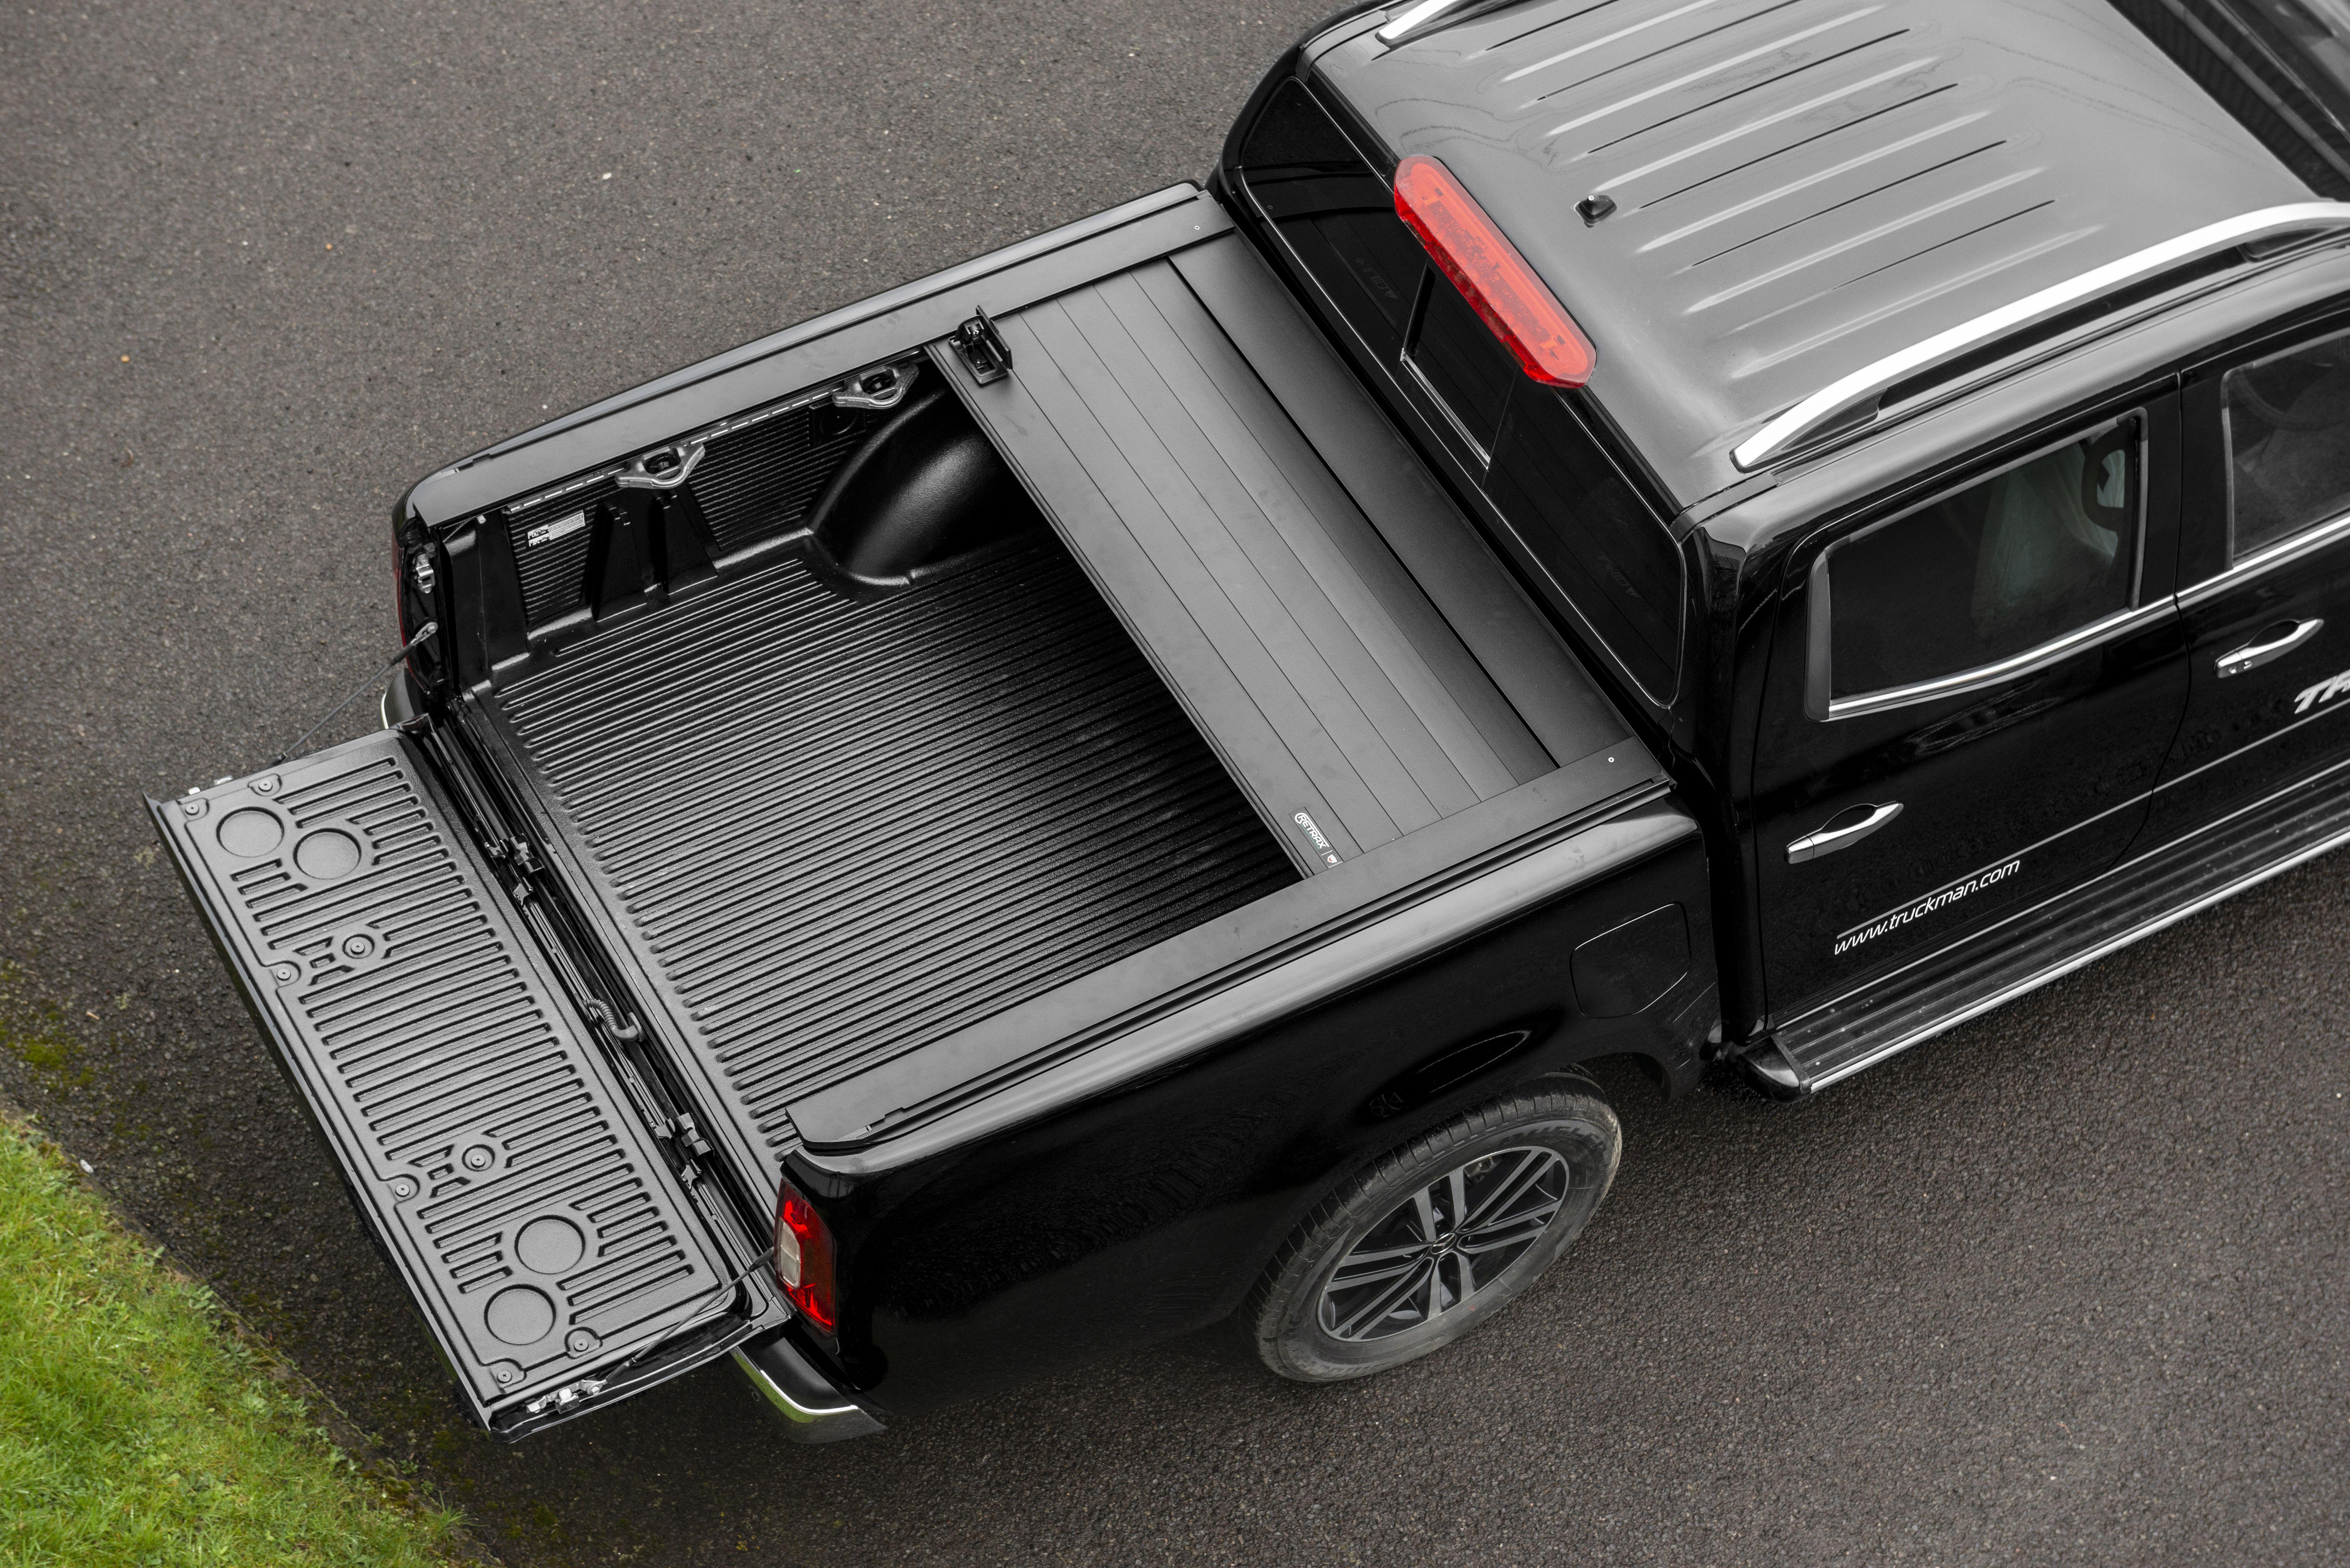 The Truckman Retrax retractable tonneau cover is